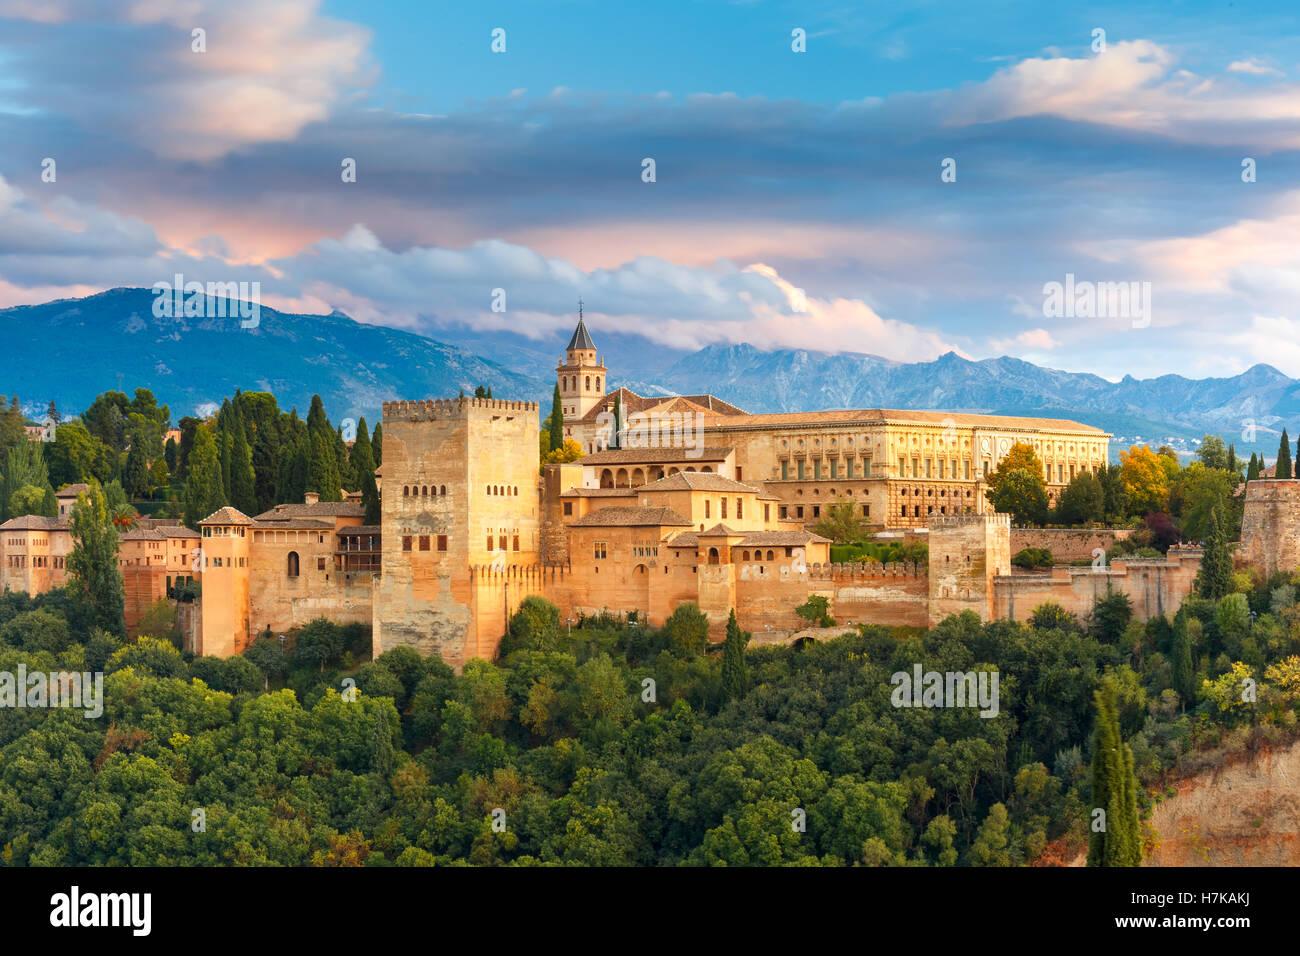 Al atardecer la Alhambra en Granada, Andalucía, España Imagen De Stock